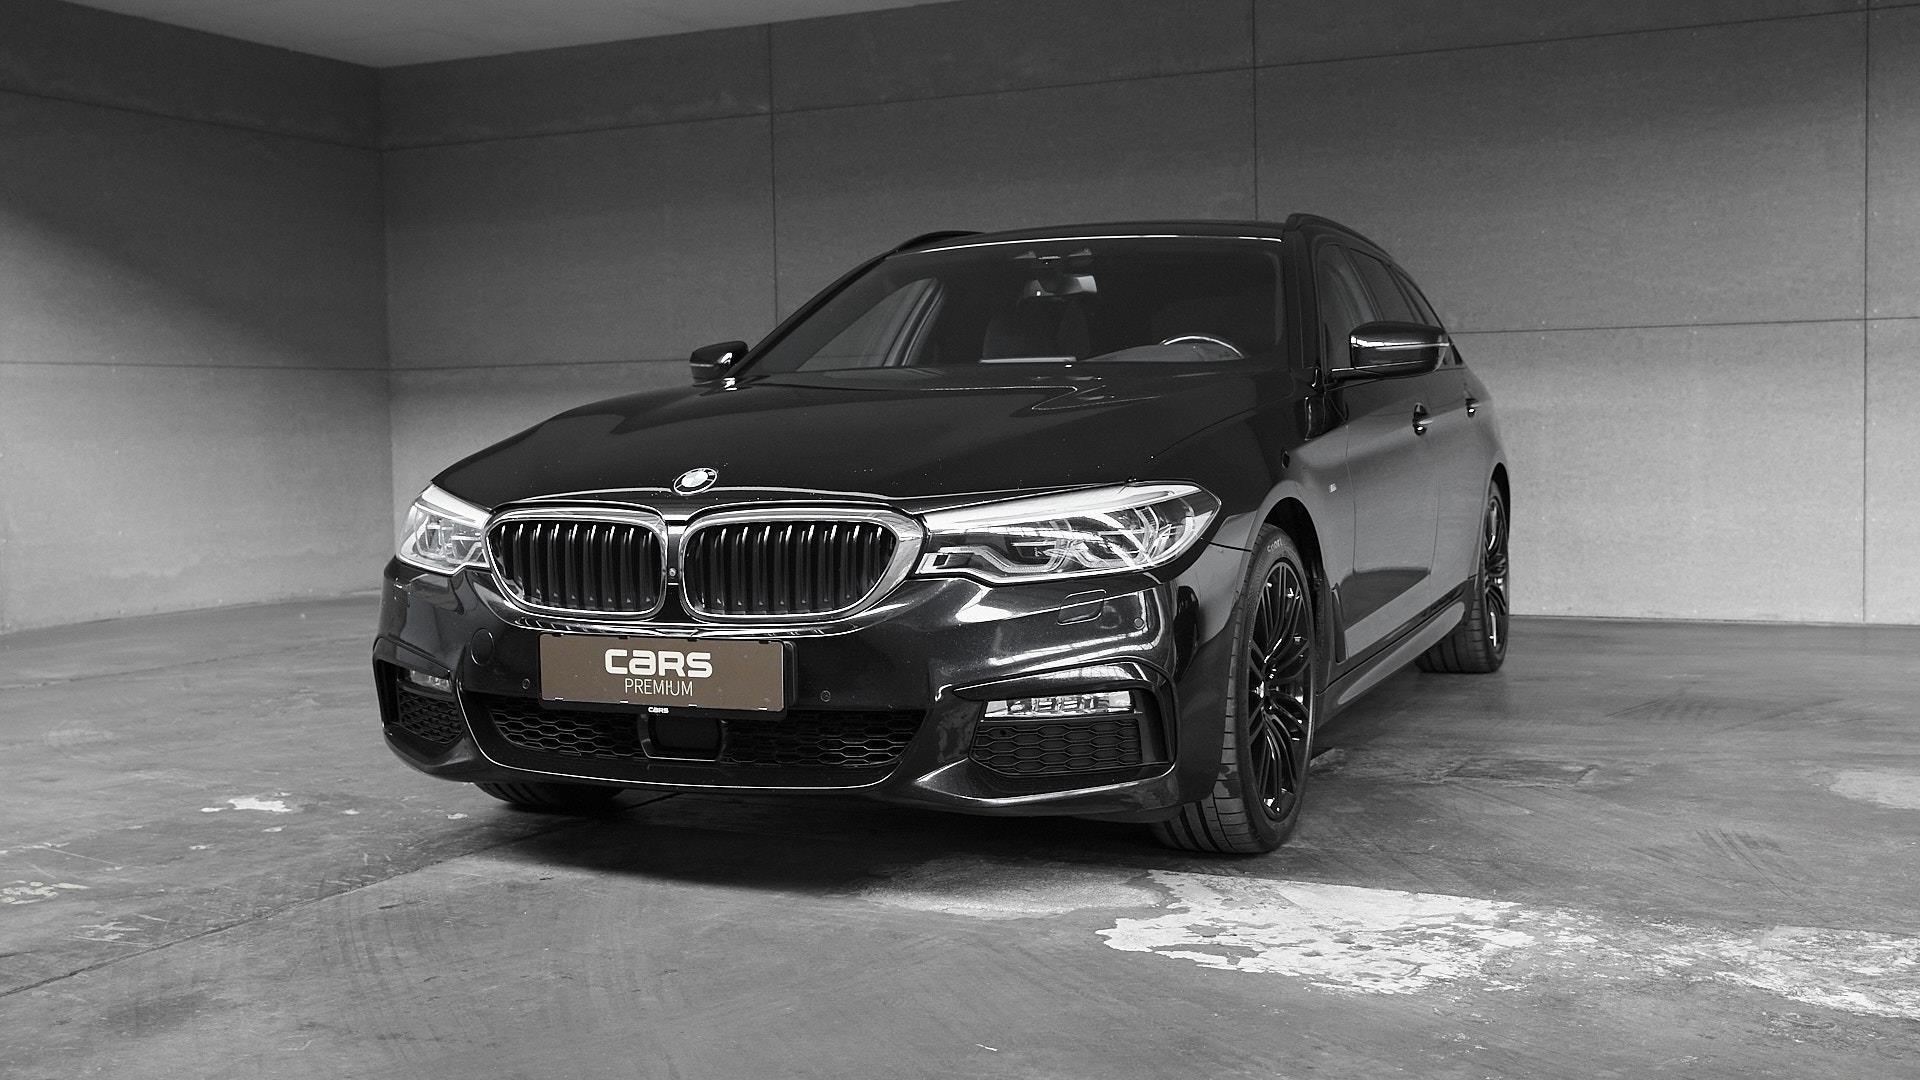 Billede af BMW 530Xd Touring 3,0 D Steptronic 265HK Stc 8g Aut.